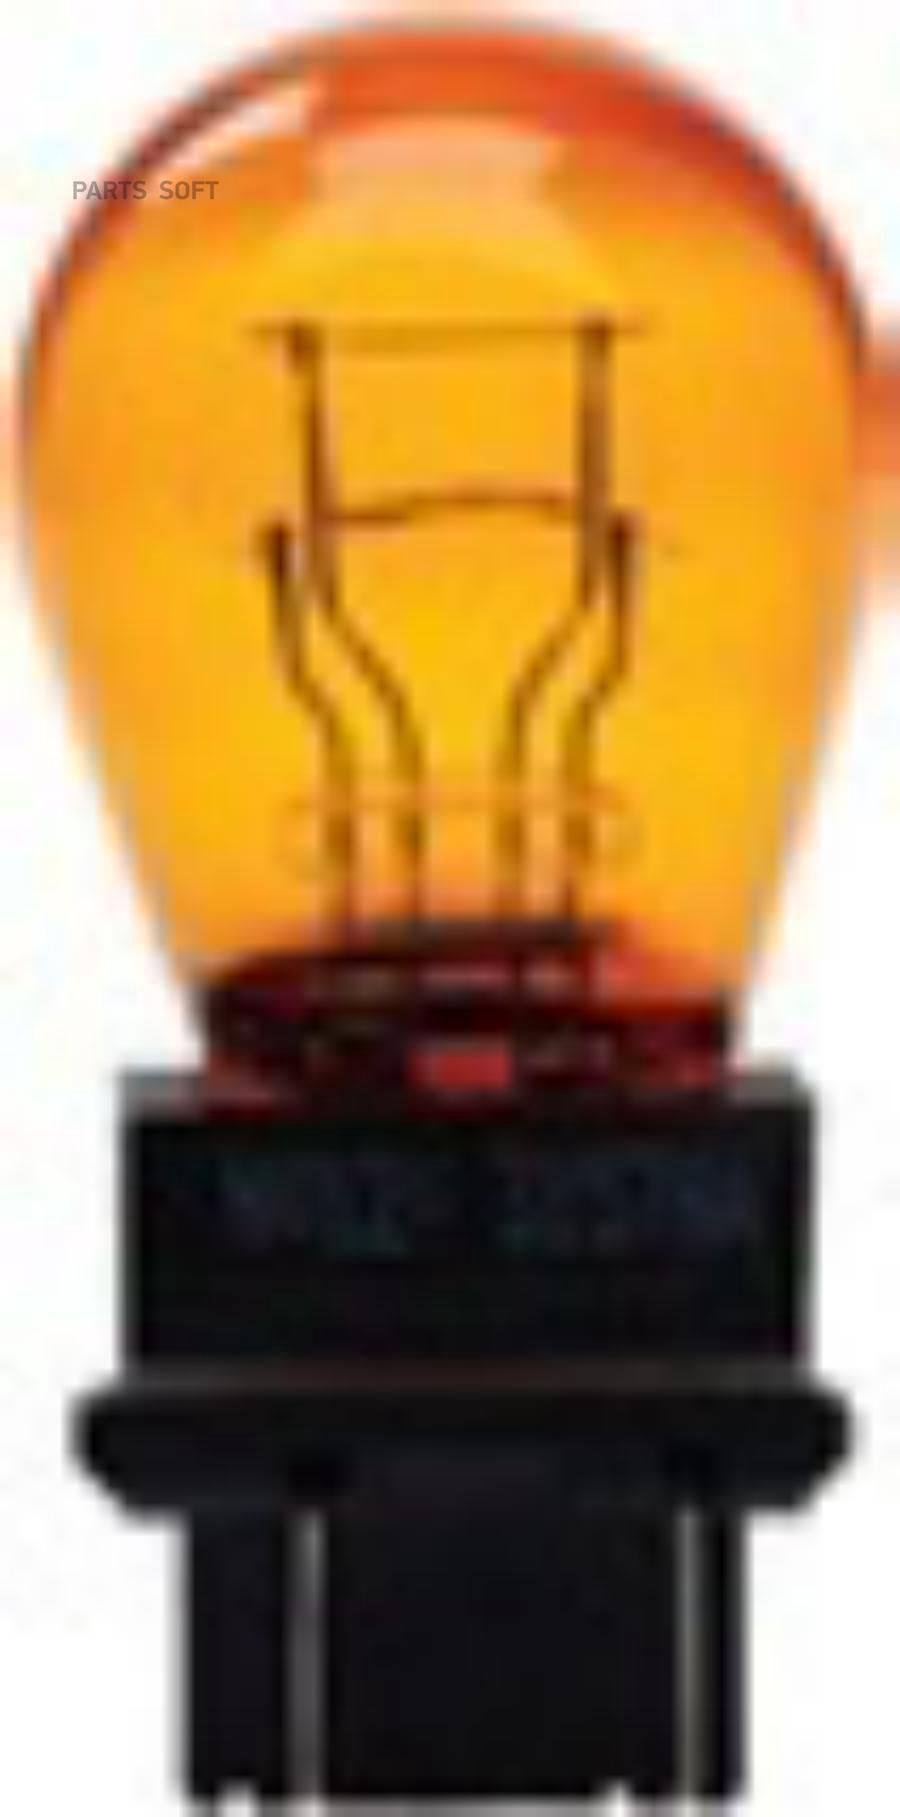 Лампа накаливания American types S-8 12В 26